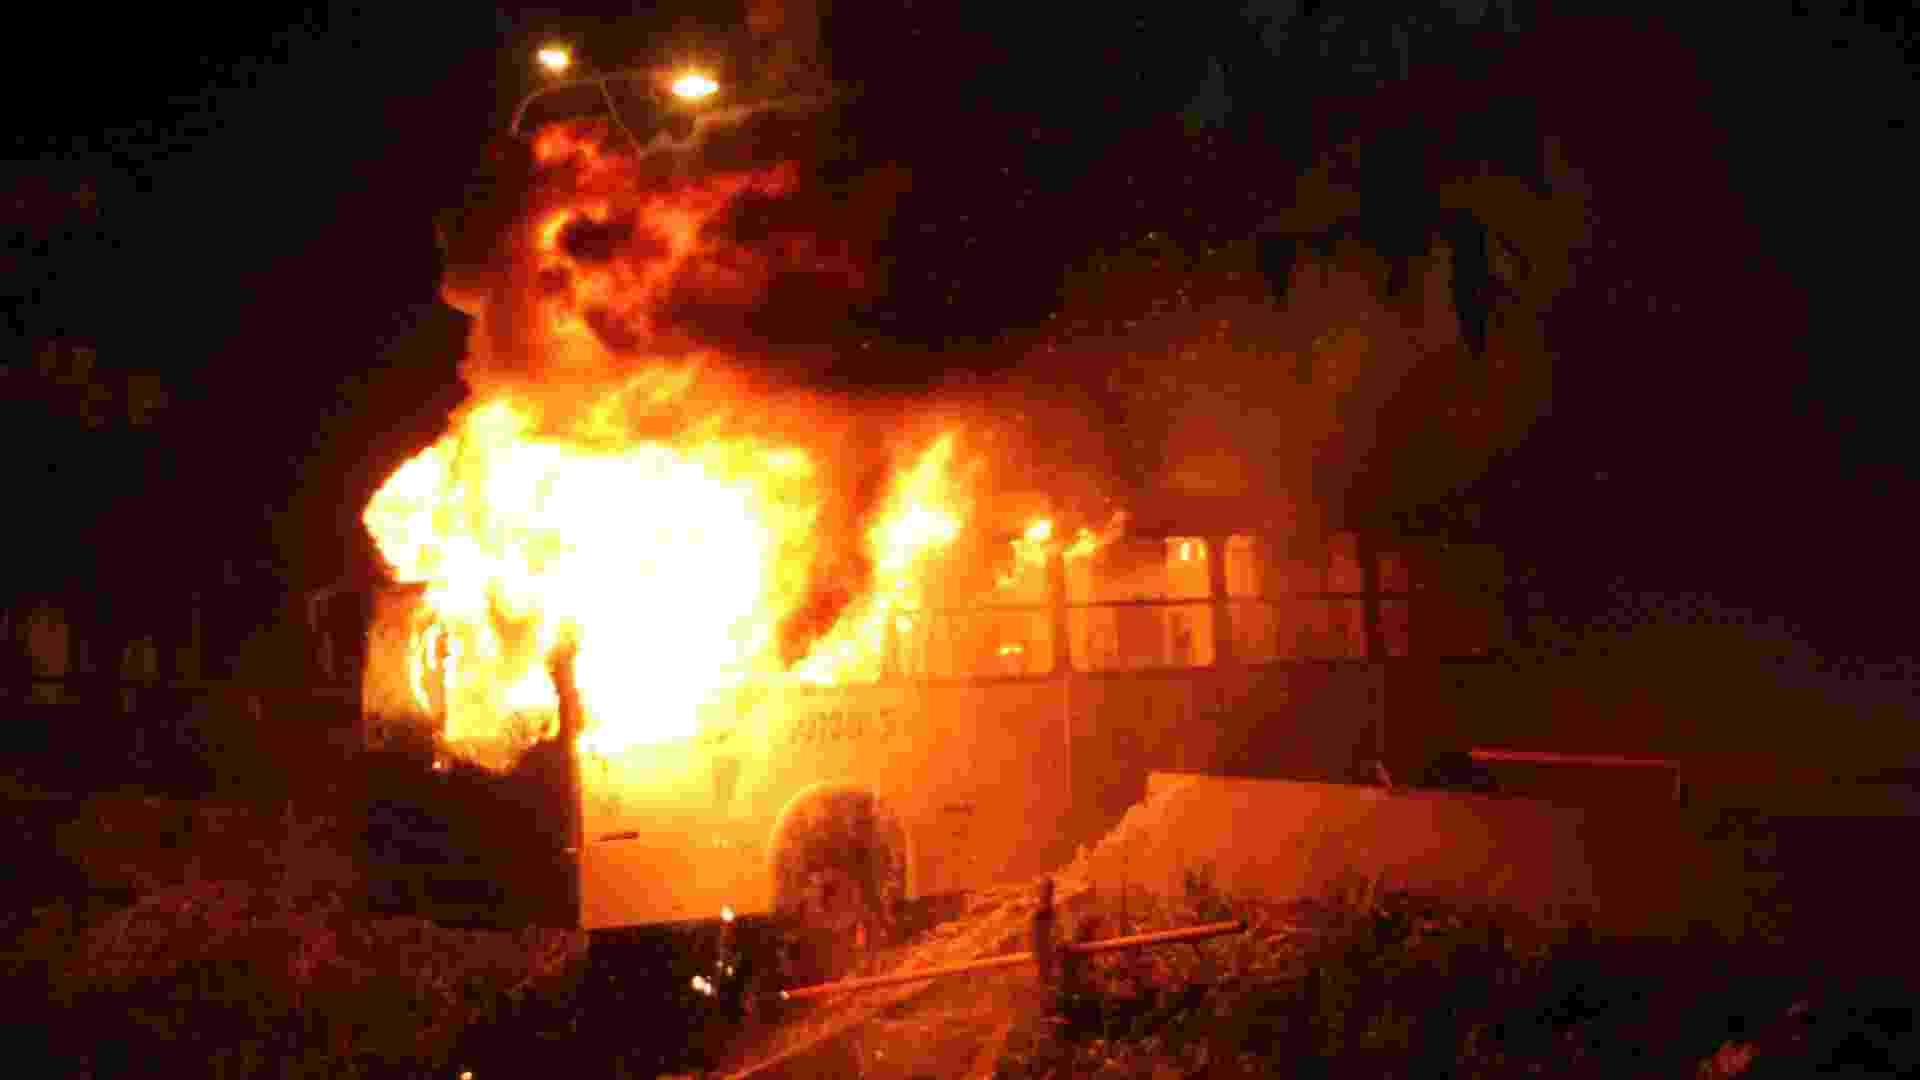 20.jun.2013 - Manifestantes ateiam fogo em ônibus na avenida Brasil, em Manaus (AM). Cerca de 60 mil manifestantes foram às ruas do centro da cidade rumo à Arena da Amazônia, segundo a Polícia Militar - Marinho Ramos/Semcom